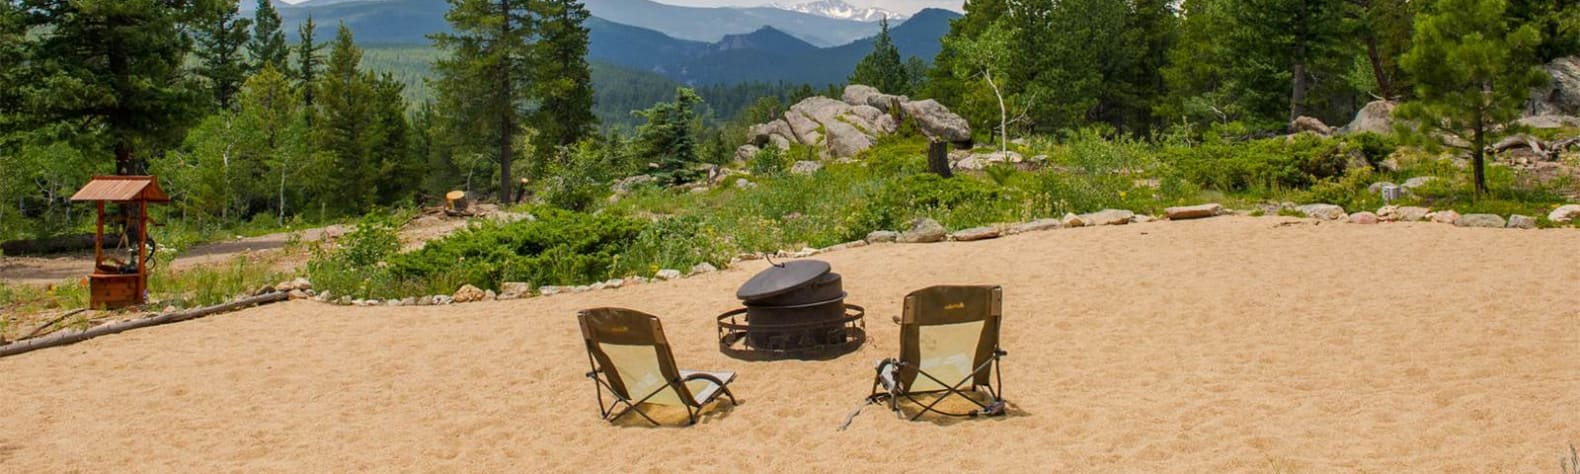 35 Acre Mountain View RV